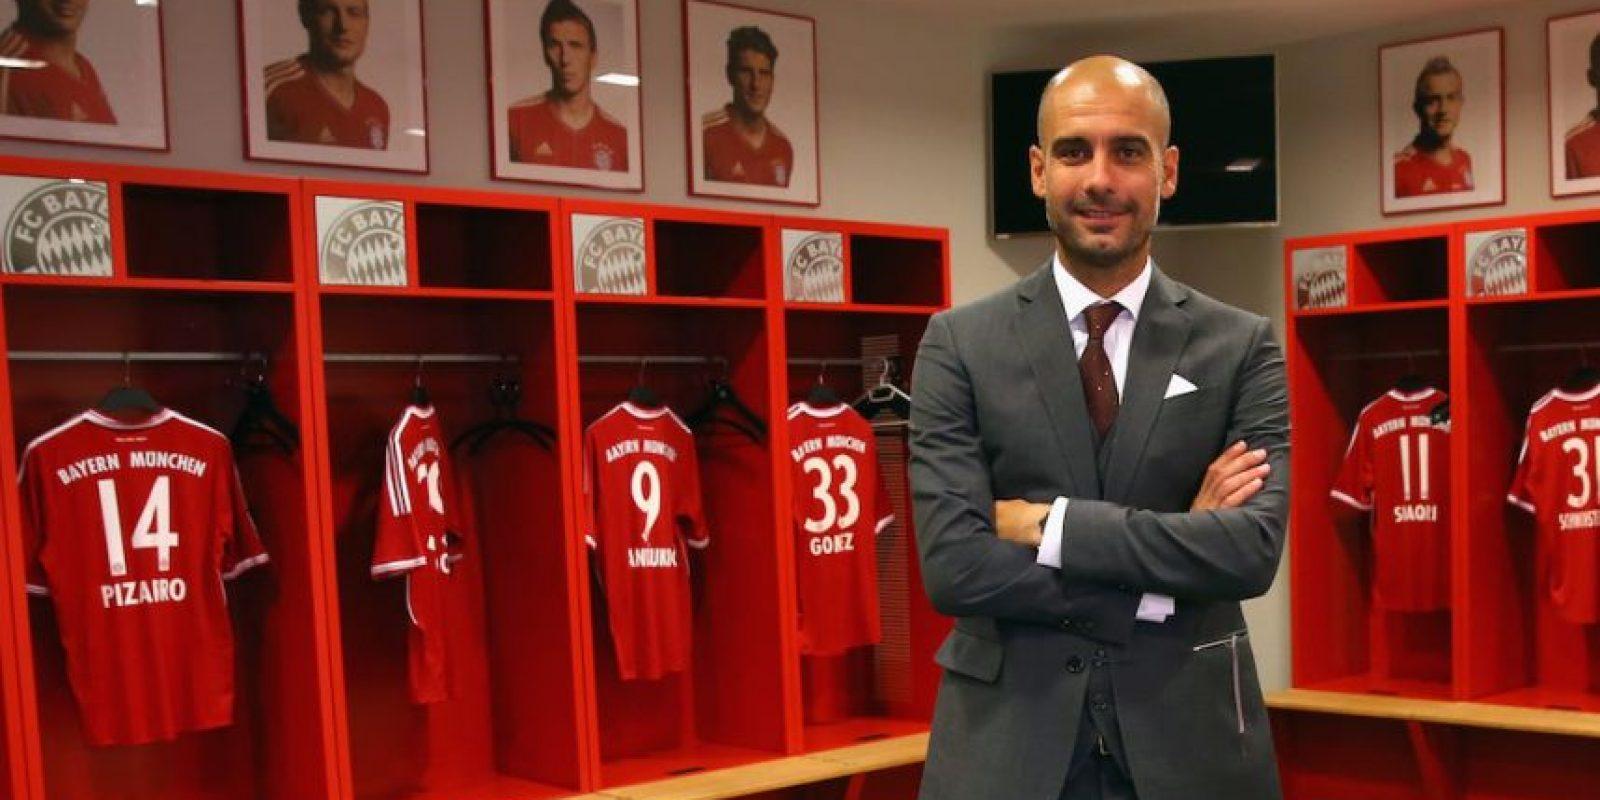 En 2013, Pep Guardiola posó con los retratos de estos jugadores al fondo. Hoy, ninguno de ellos sigue en el Bayern Munich. Foto:Getty Images